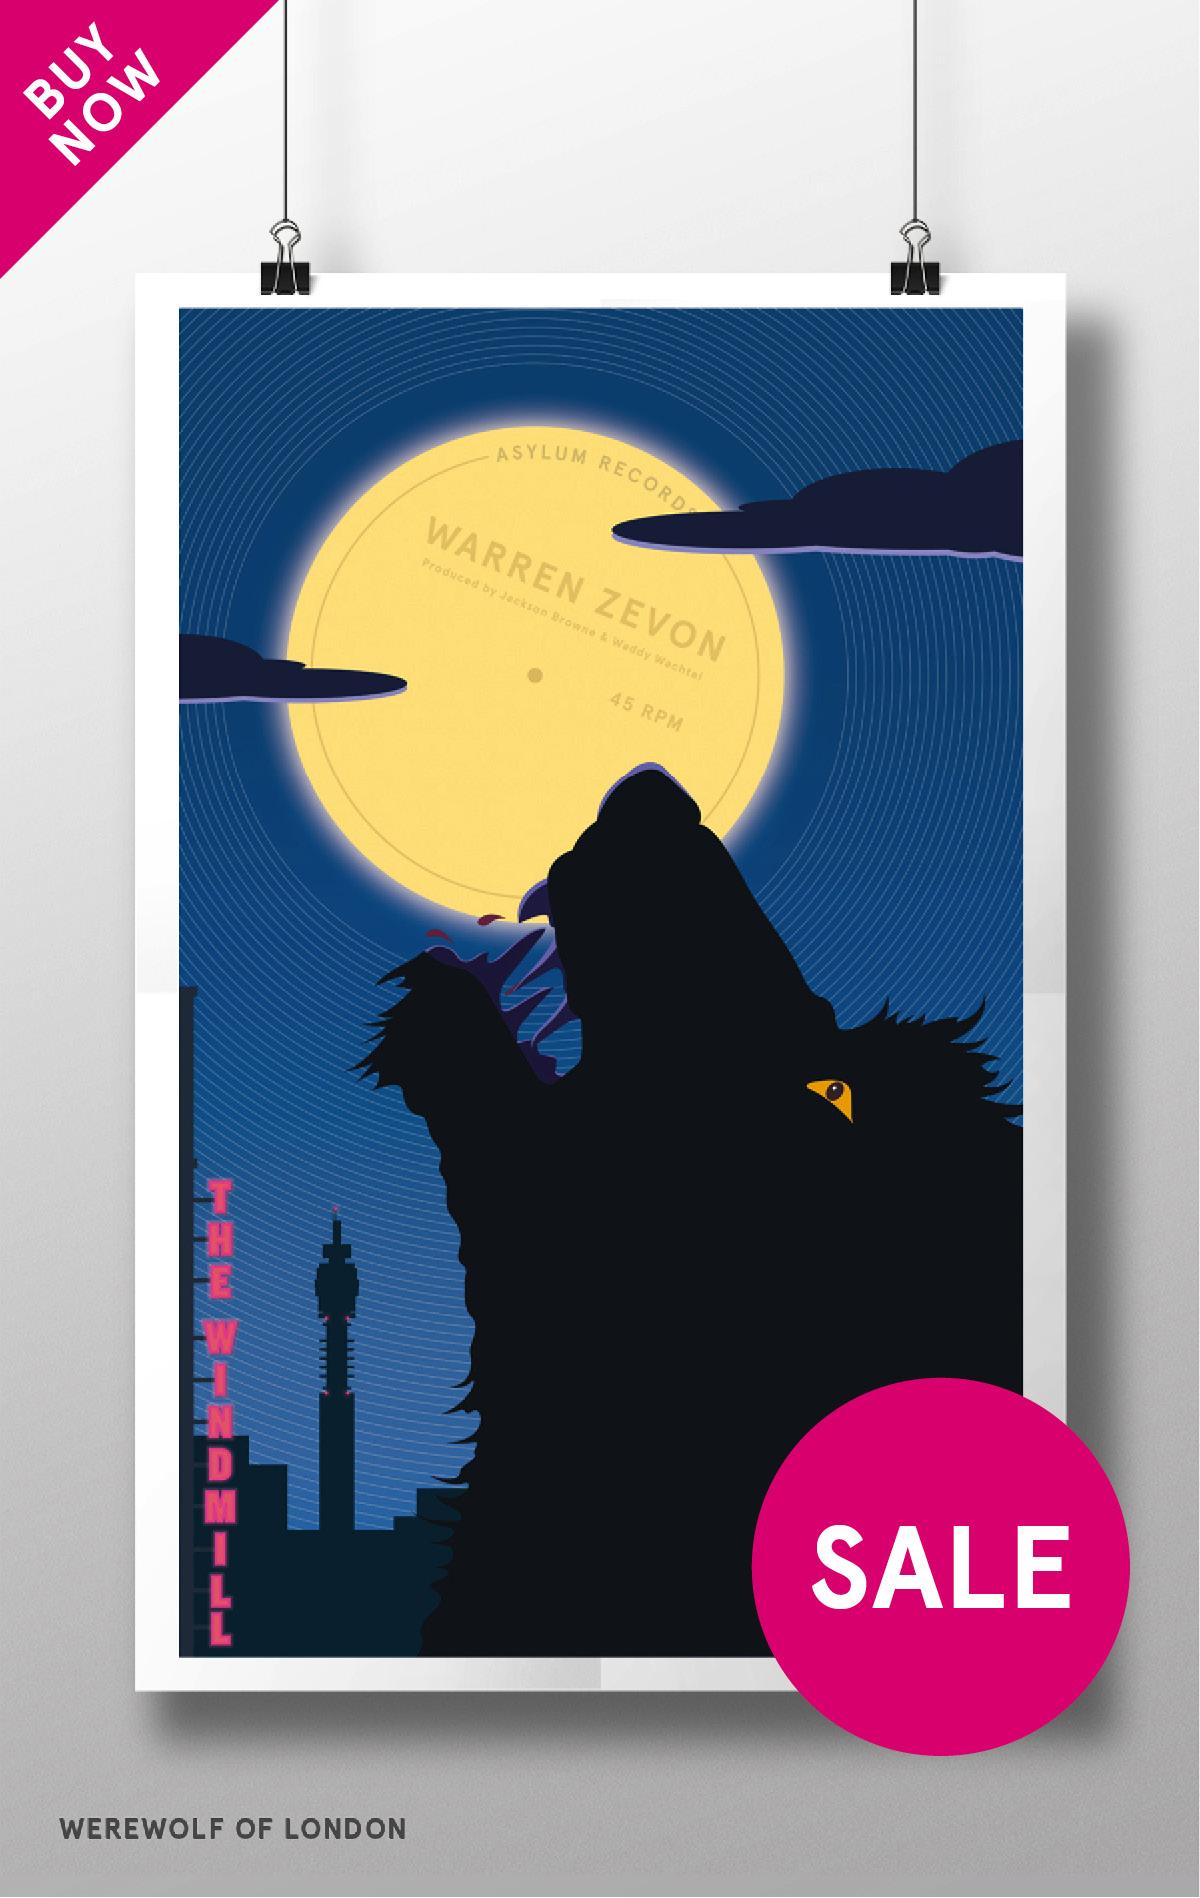 Werewolf of London Pos, Warren Zevon